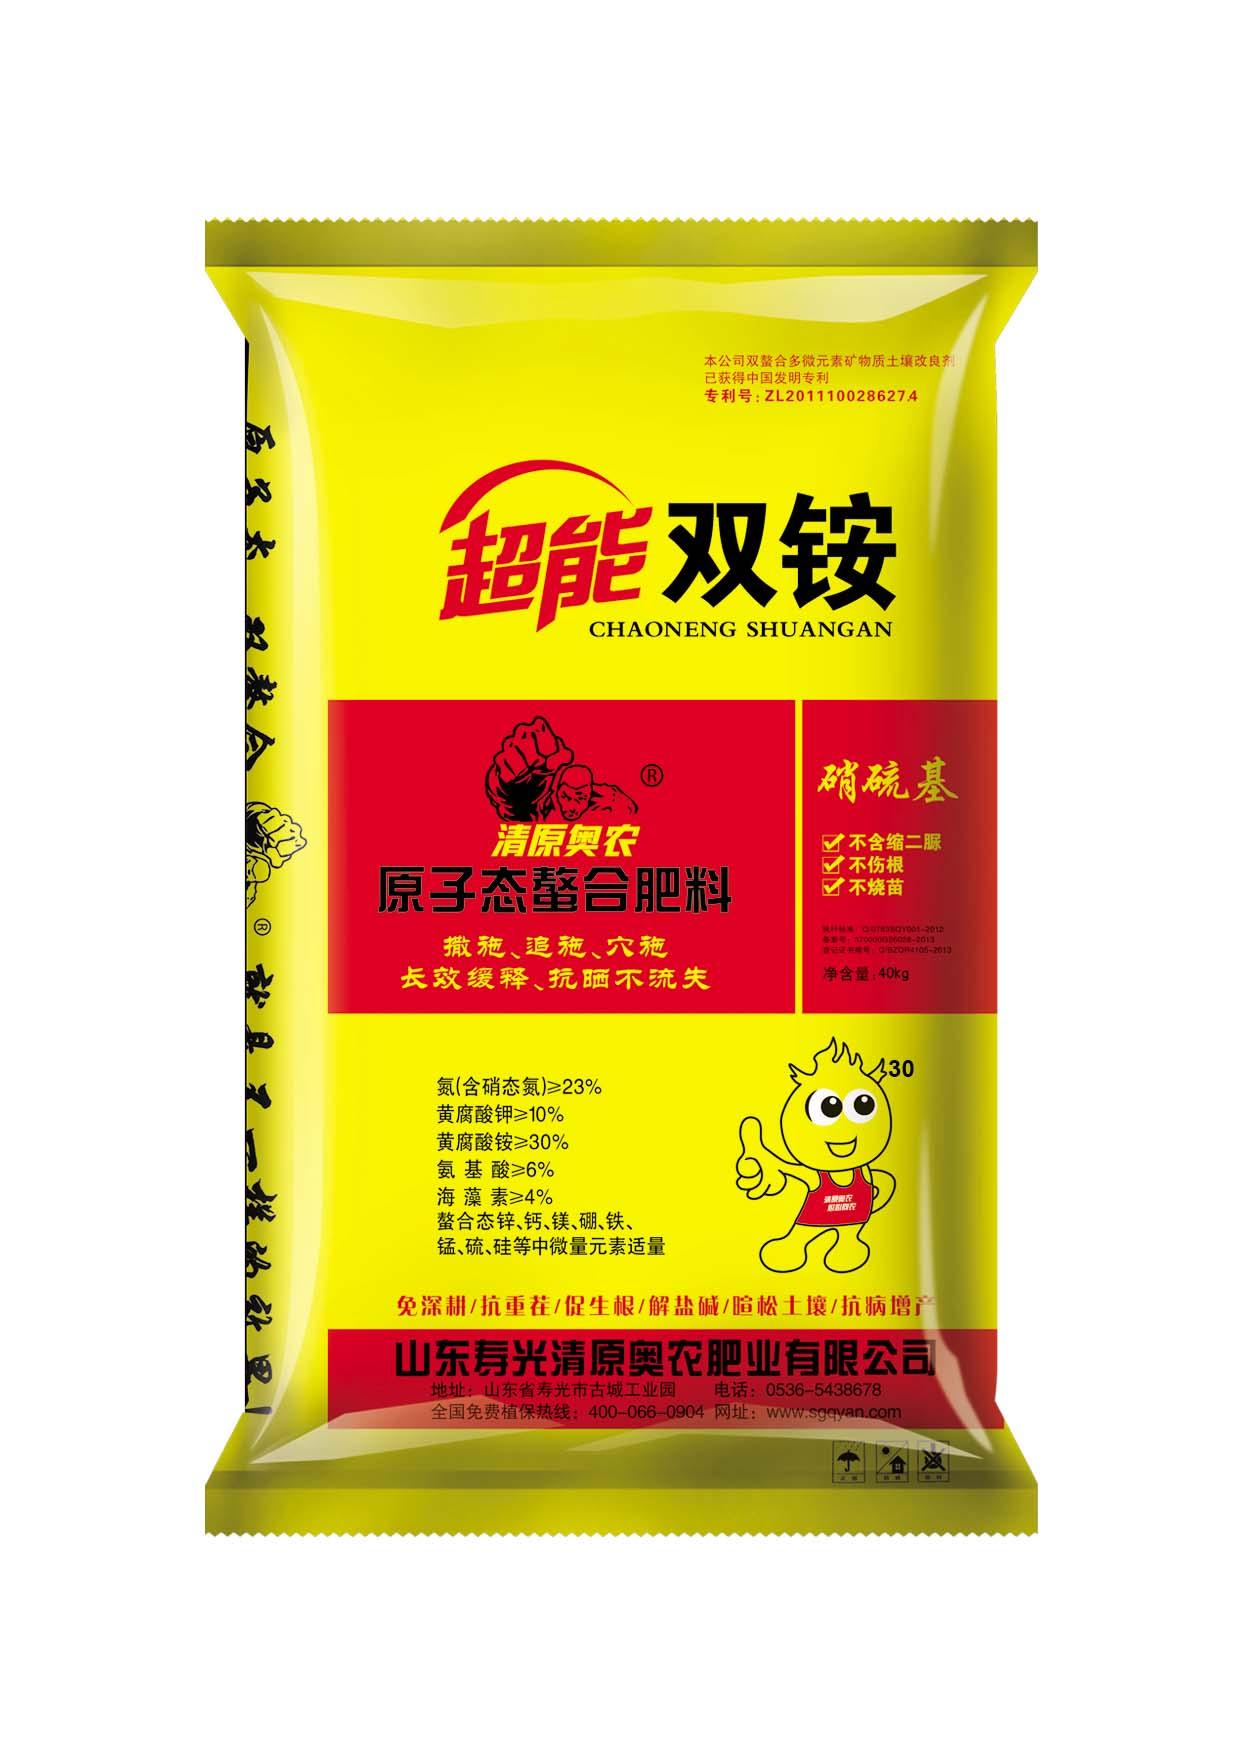 贵州大蒜专用肥-潍坊可靠的氨基酸双螯合新型氮肥批发商推荐